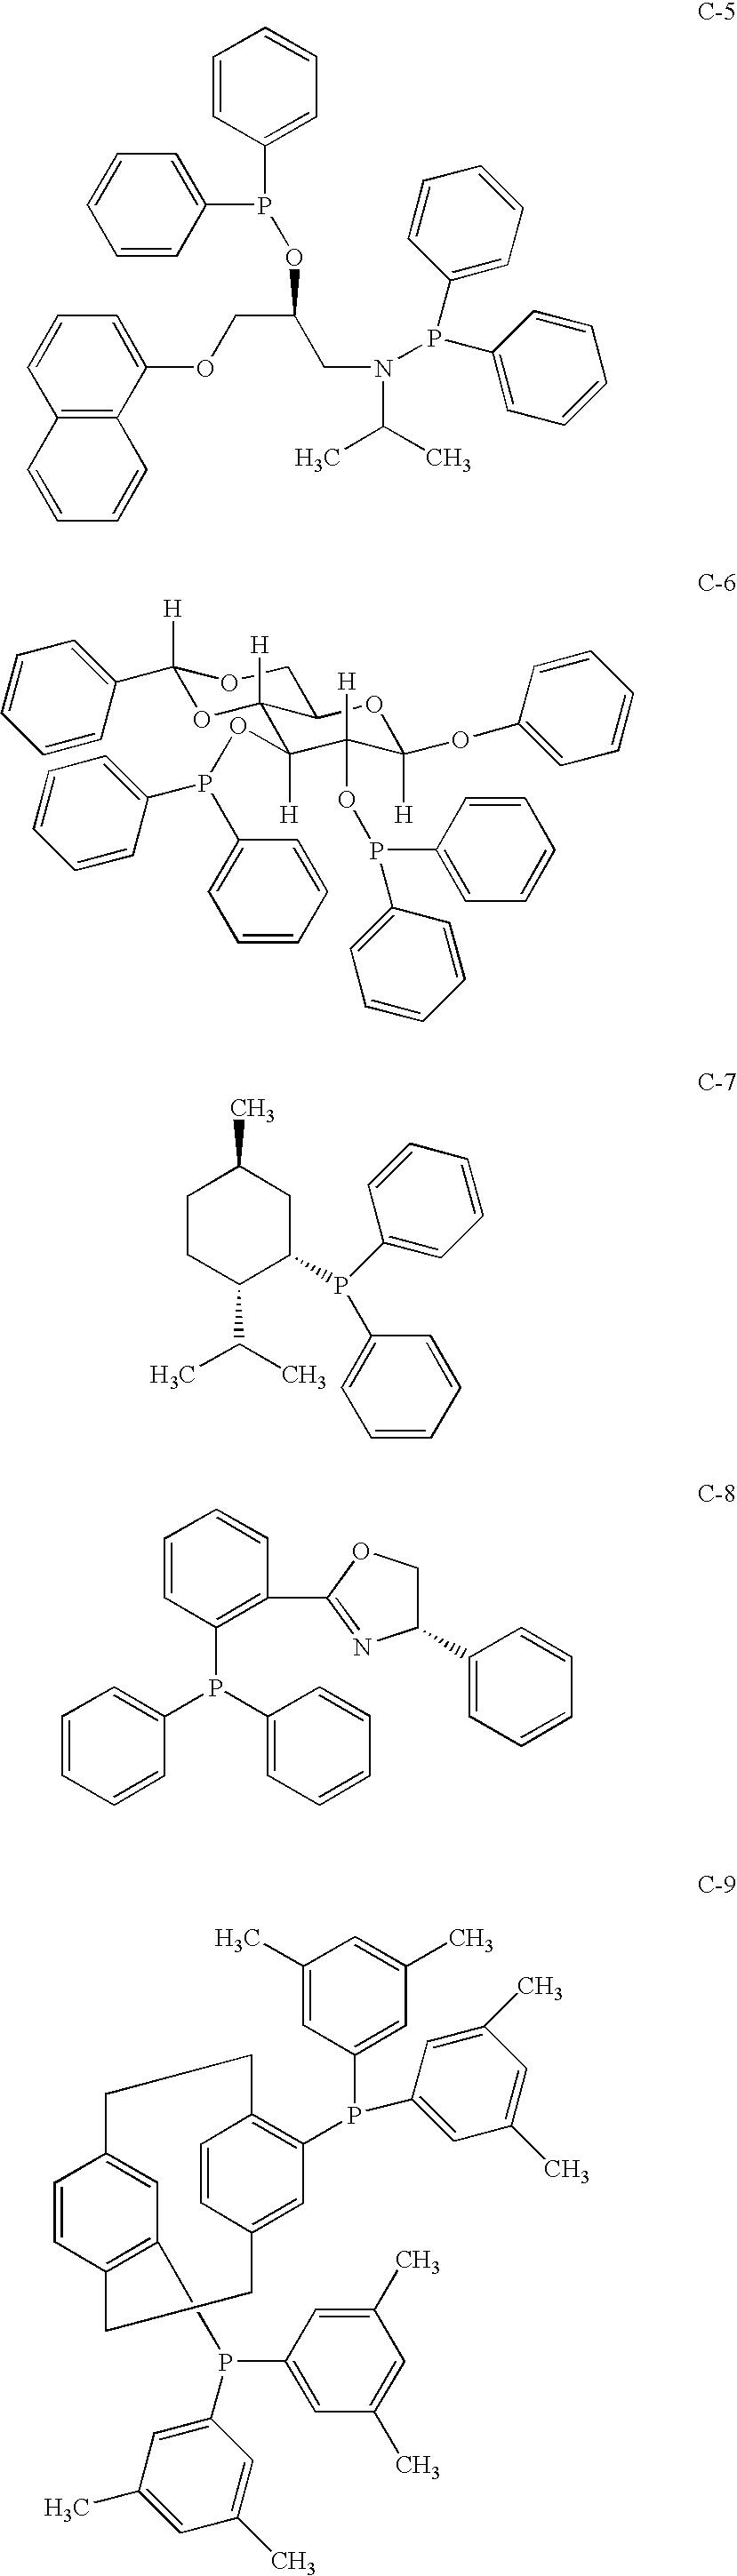 Figure US20100173892A1-20100708-C00029